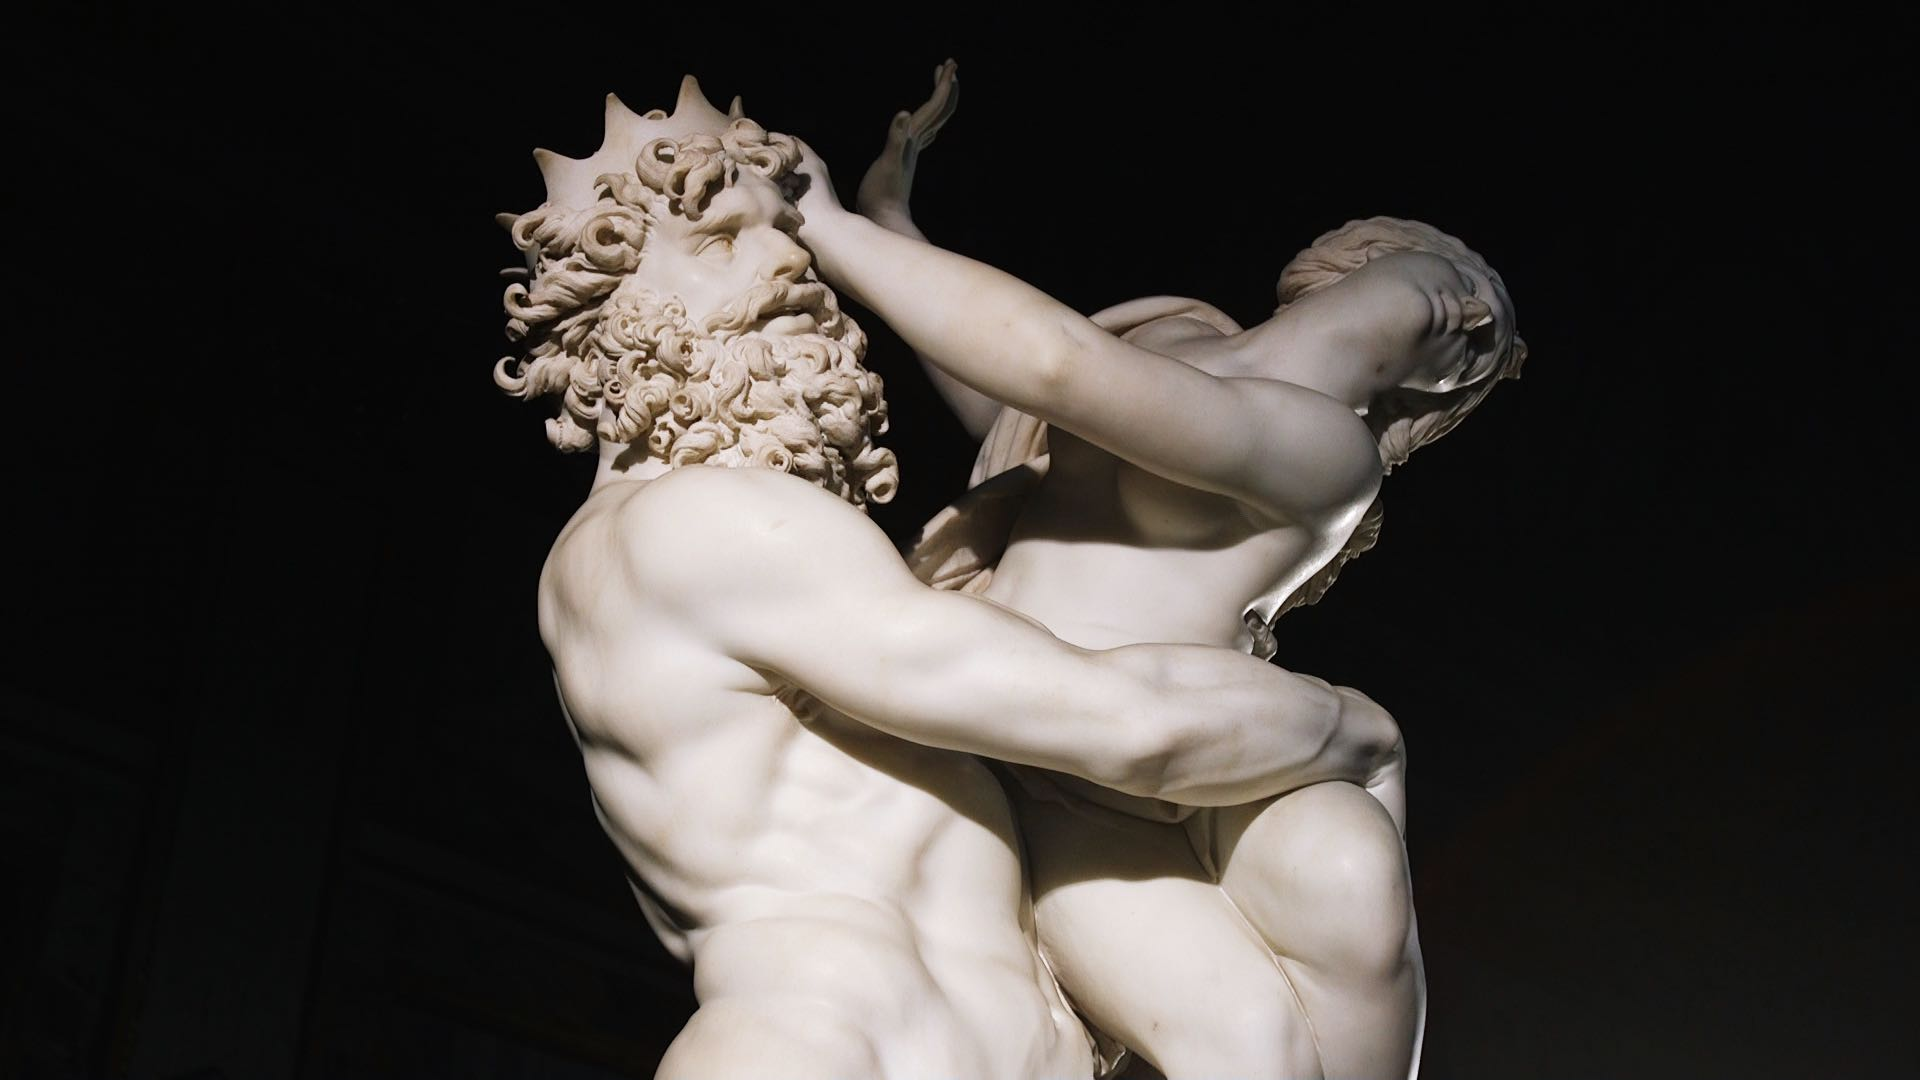 Viaggio nel patrimonio artistico e culturale italiano. Sky Arte lancia lo streaming gratuito per tutti